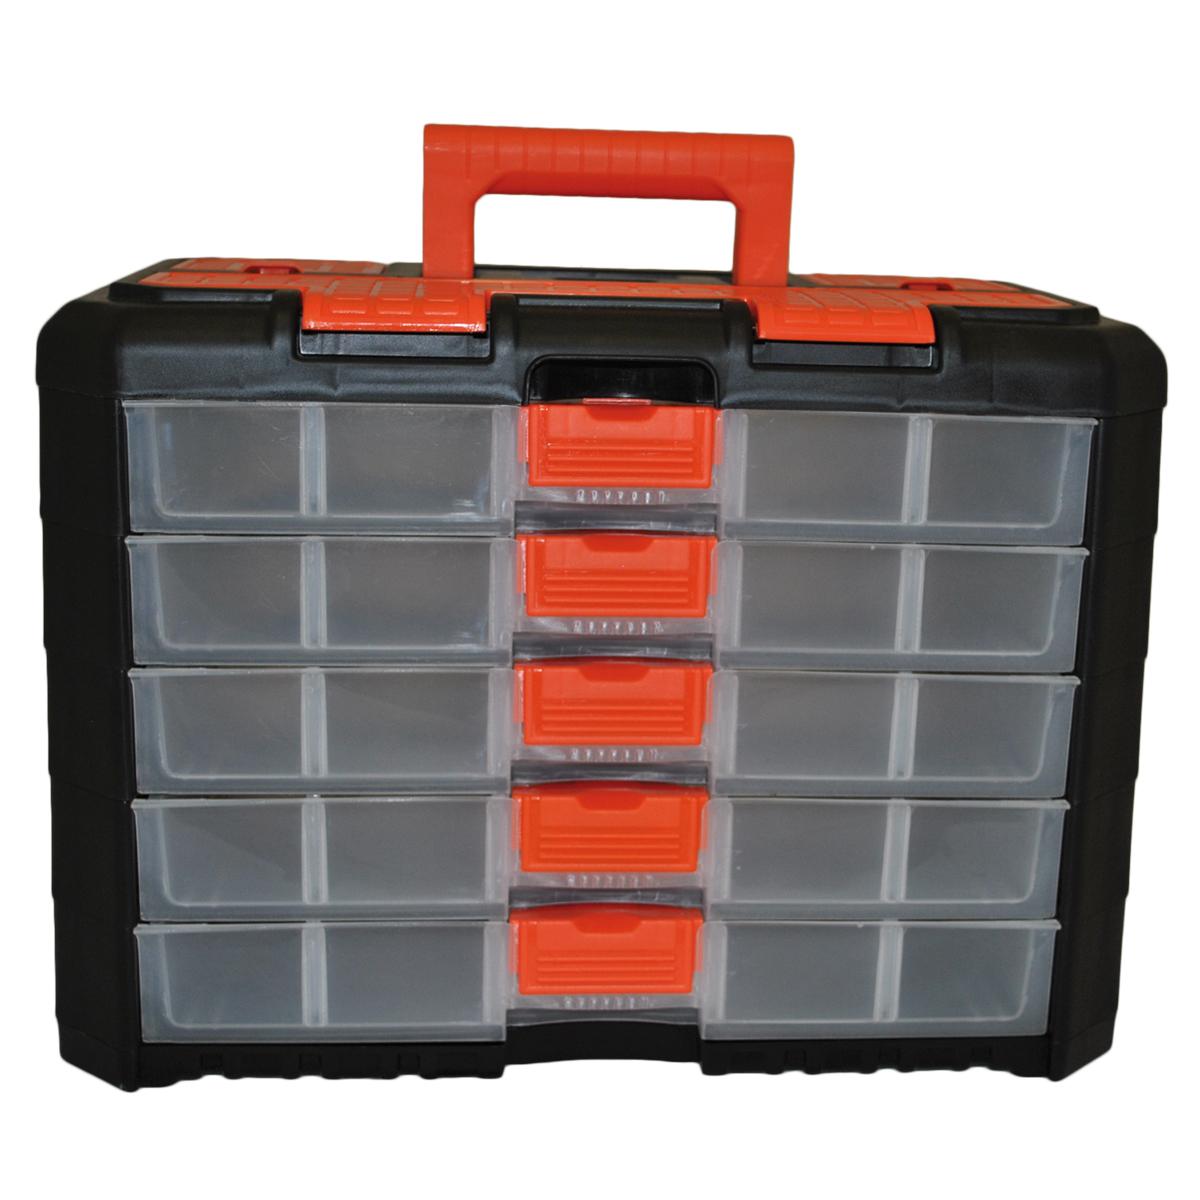 Органайзер для мелочей Blocker Grand, цвет: черный, оранжевый, 400 х 219 х 287 ммBR3738ЧРОРУниверсальный сет для мелочей Blocker Grand с ручкой для переноски выполнен из высококачественного полипропилена. Секции фиксируются замками, которые надежно защищают от случайного открывания. Внутри секции разделены съемными перегородками, что позволяет организовать внутреннее пространство в зависимости от потребностей и делает сет пригодным для хранения не только мелочей, но и предметов средней величины. Встроенные секции на крышке подходят для хранения скобяных изделий.